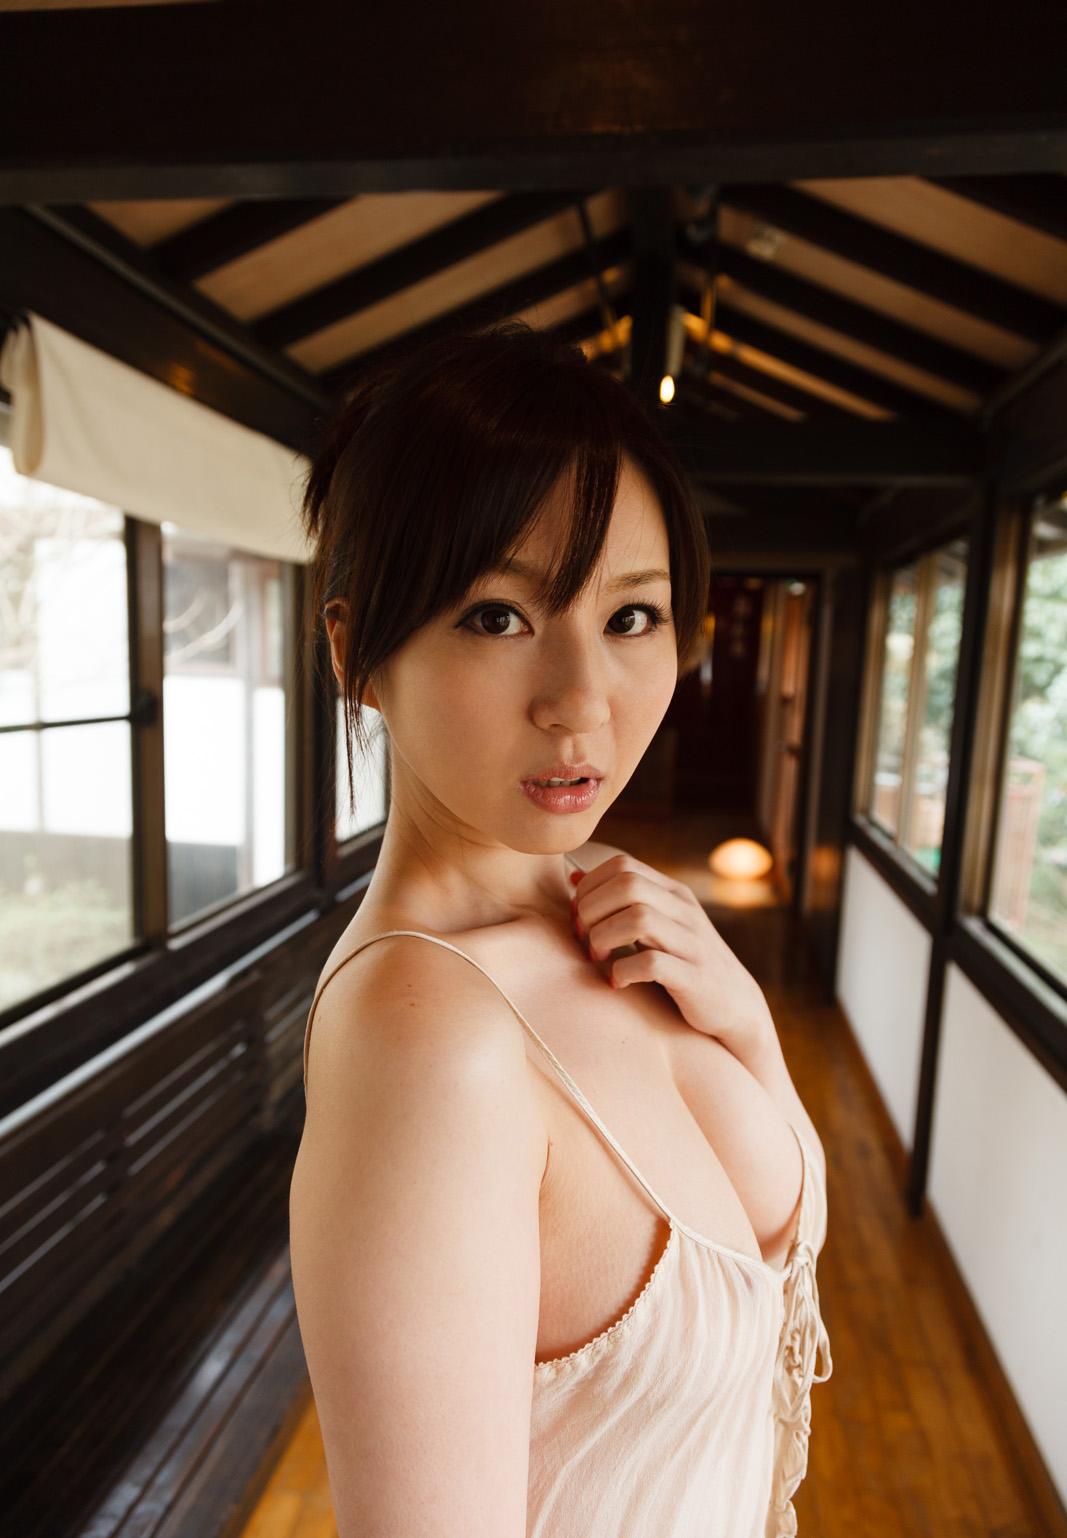 辰巳ゆい 画像 59